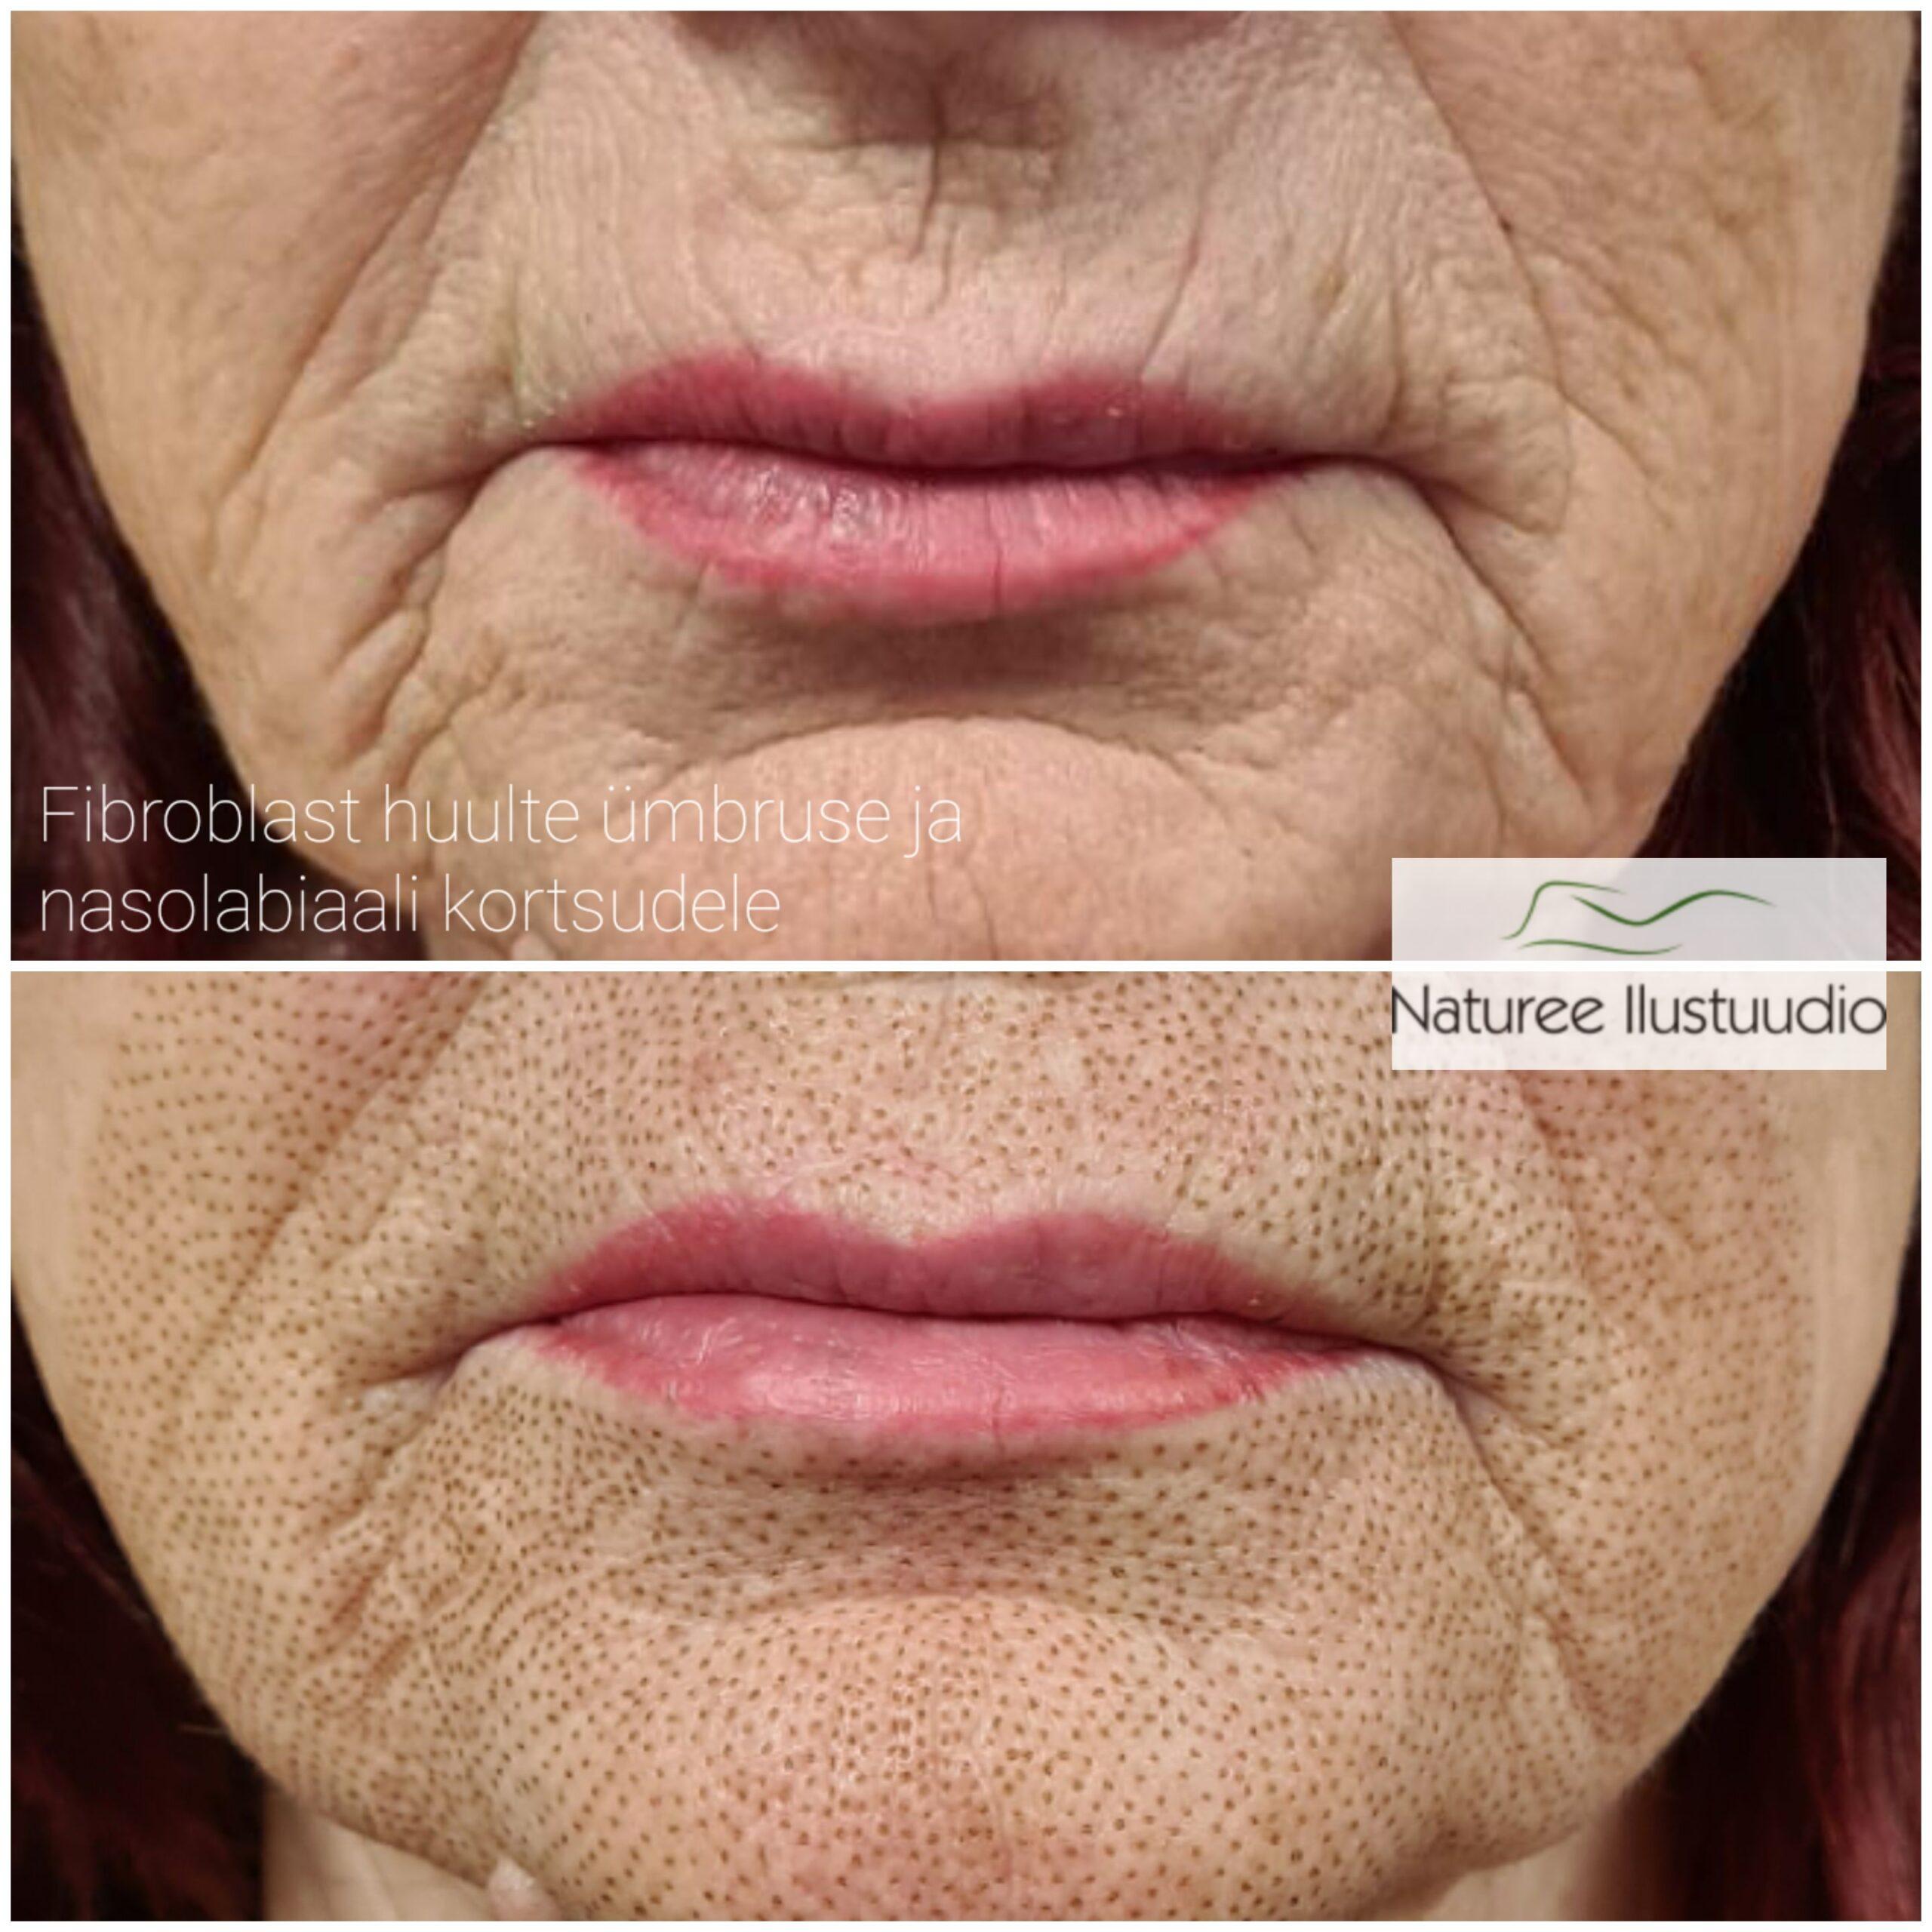 fibroblast suu ümbruse kortsudele ja huulte ümbrusele